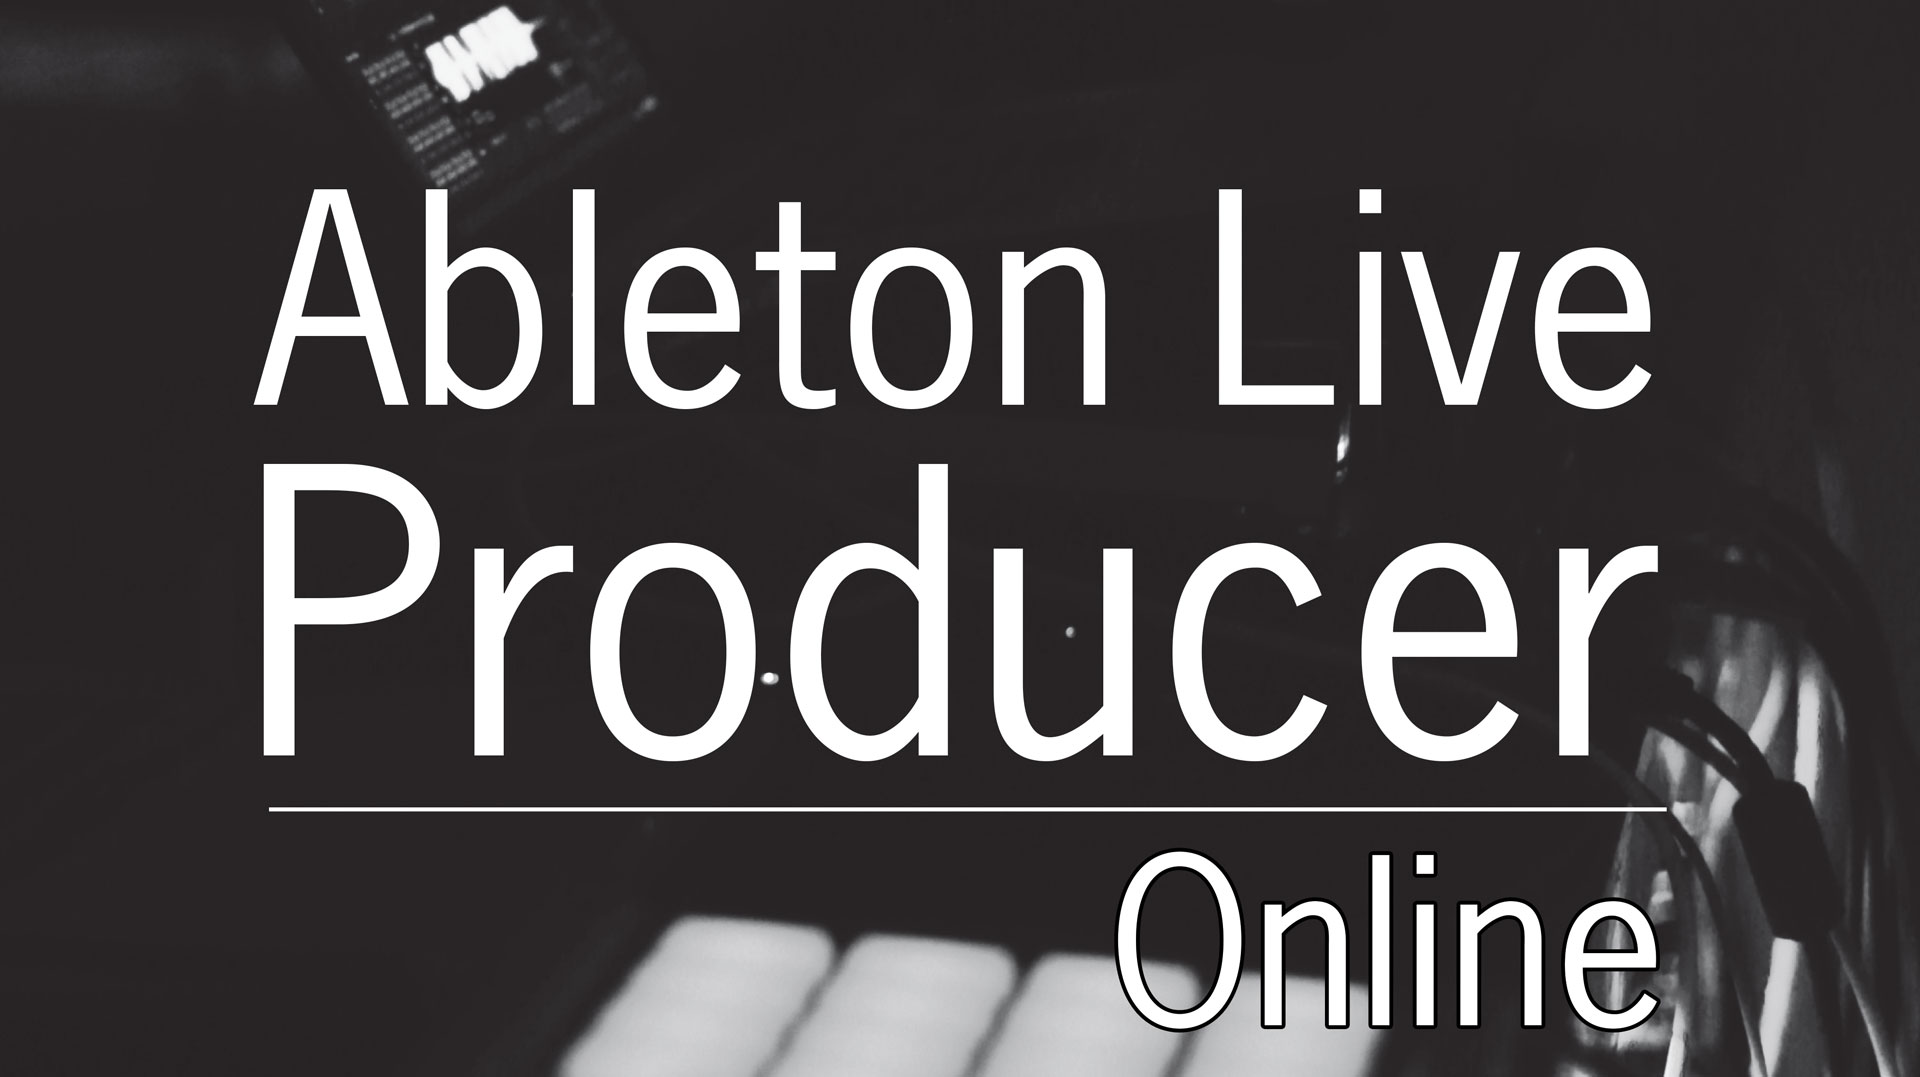 Ableton Live Producer Online